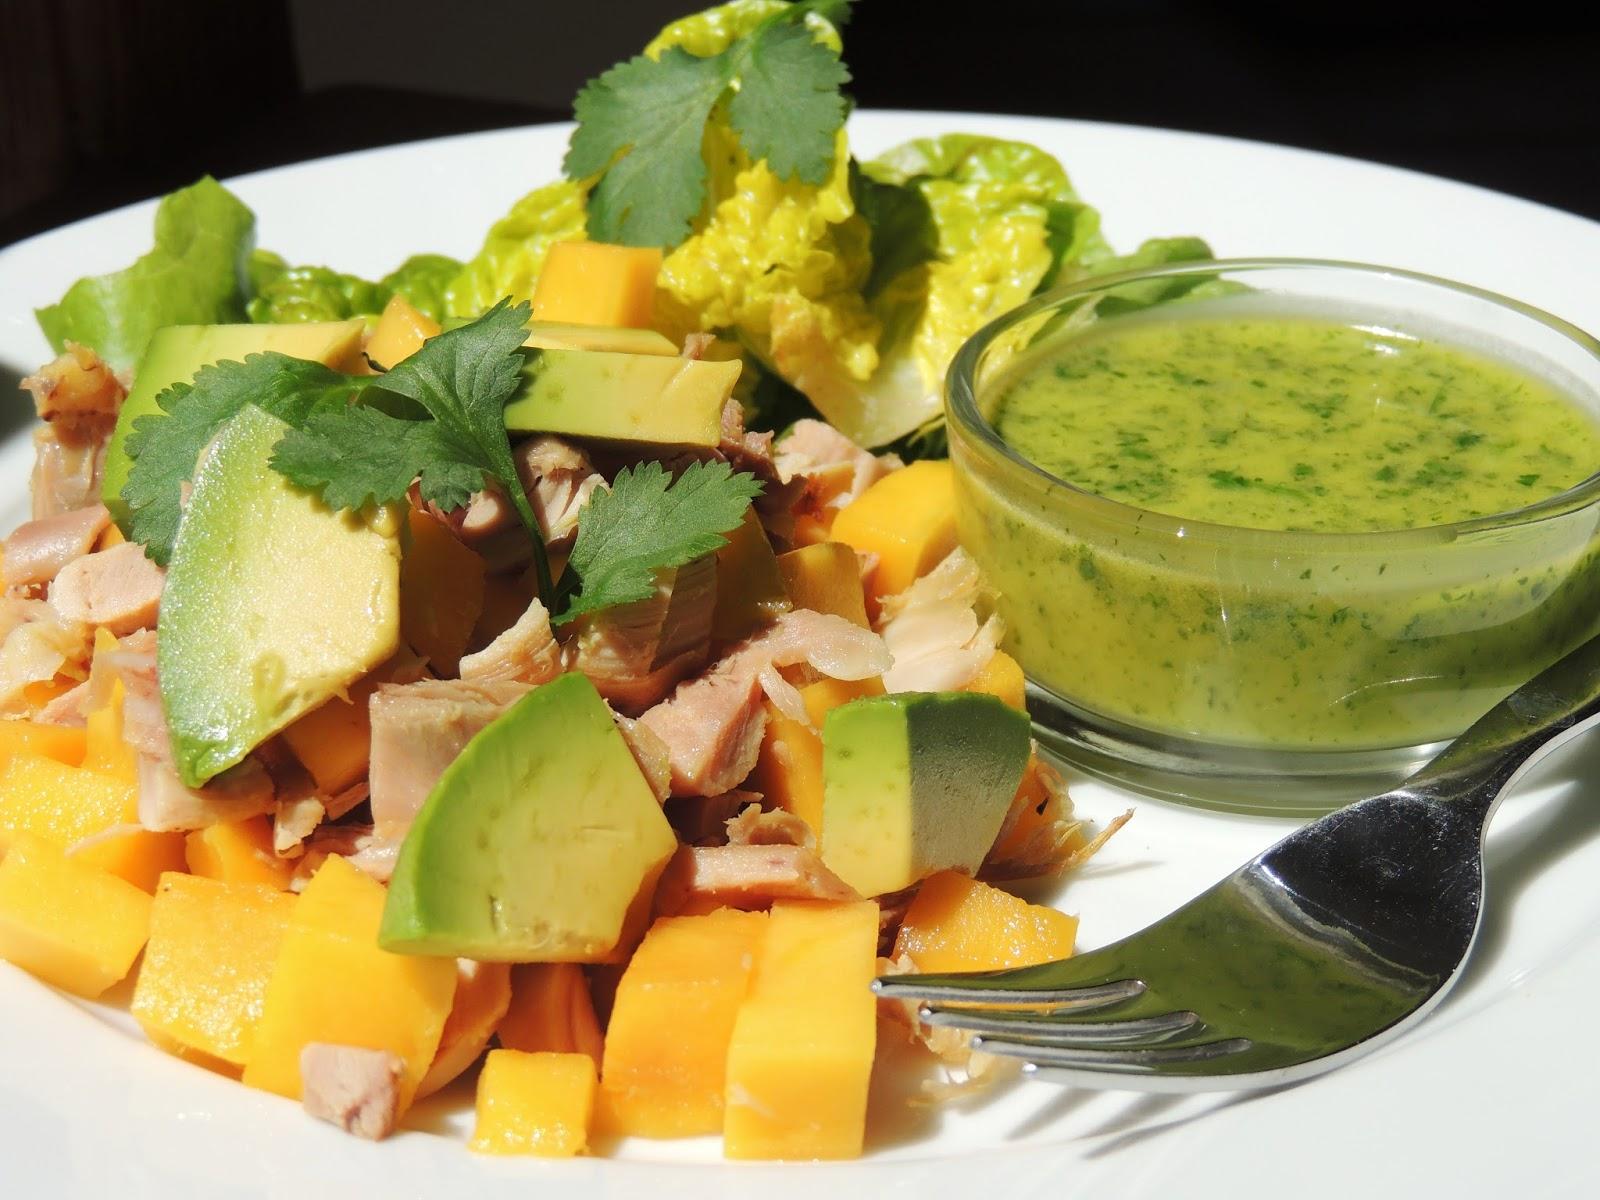 midi cuisine salade de mangue avocat et poulet sauce citron vert et coriandre. Black Bedroom Furniture Sets. Home Design Ideas